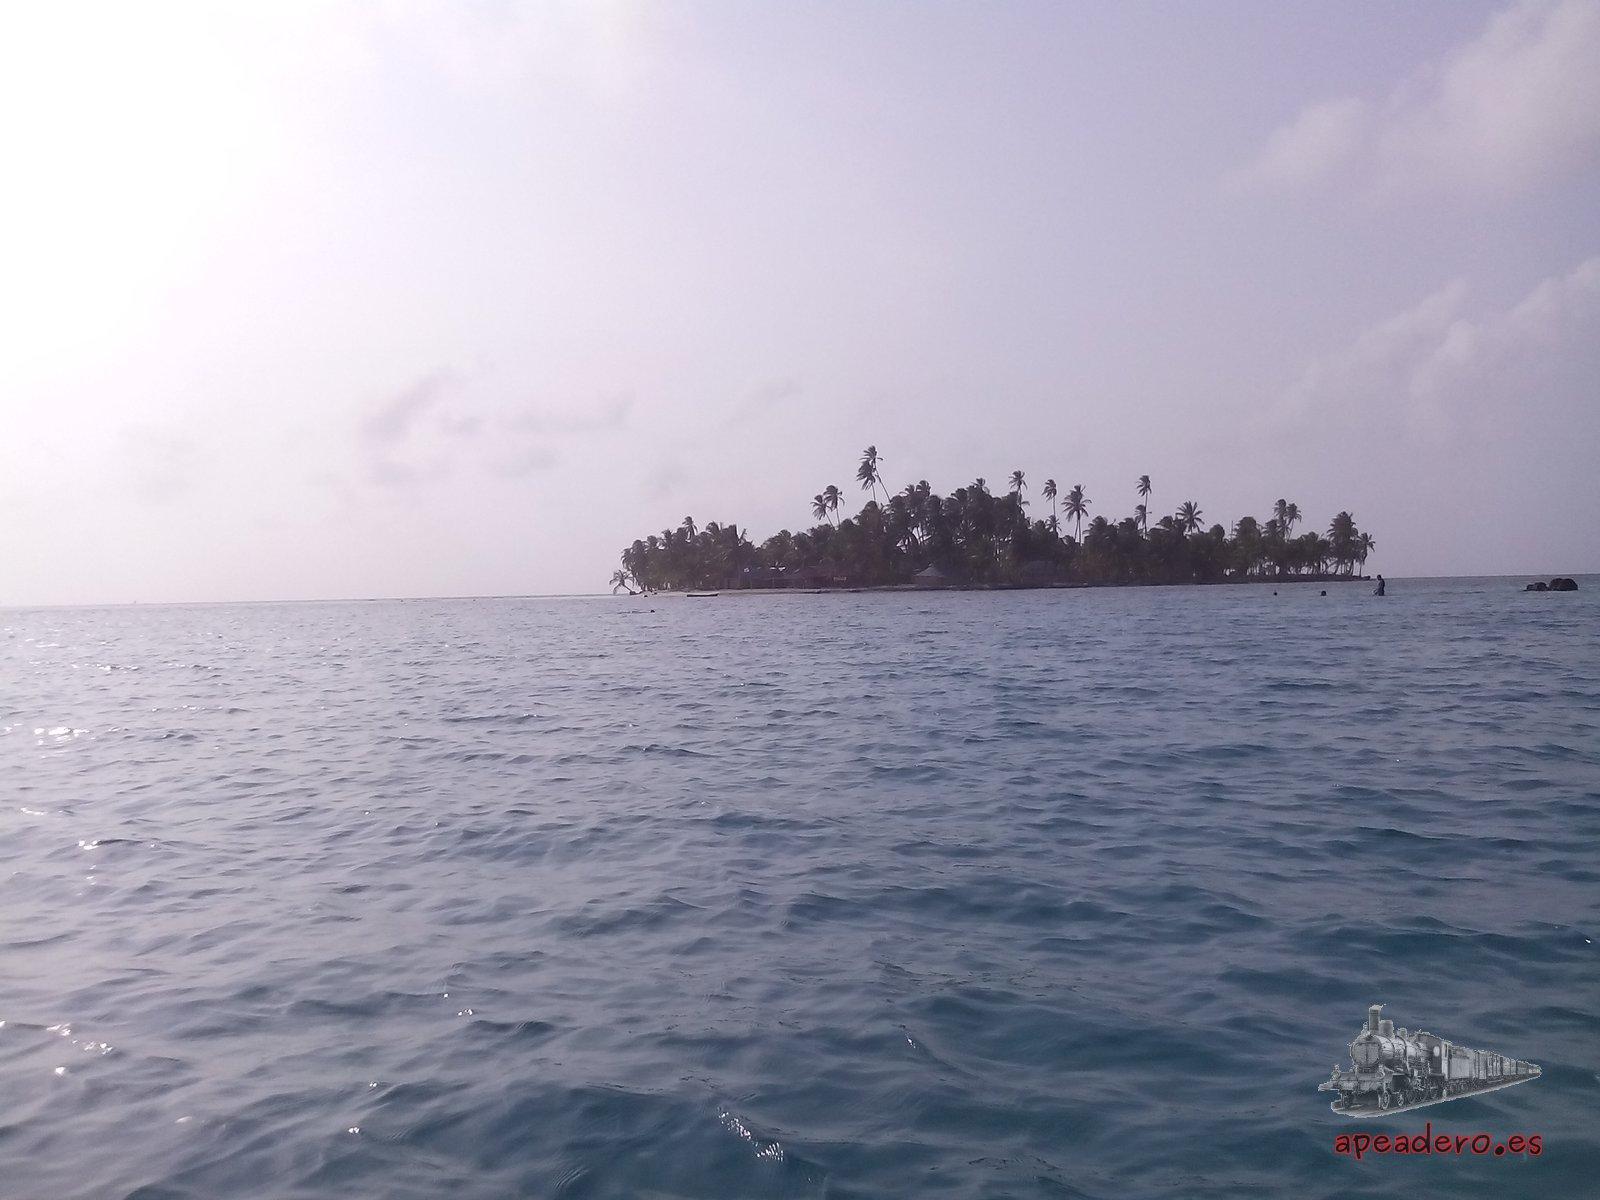 Las islas de San Blas son tan solo pequeños bancos de arena con unas decenas de palmeras y rodeadas de mar. Un lugar impresionante e imperdible.